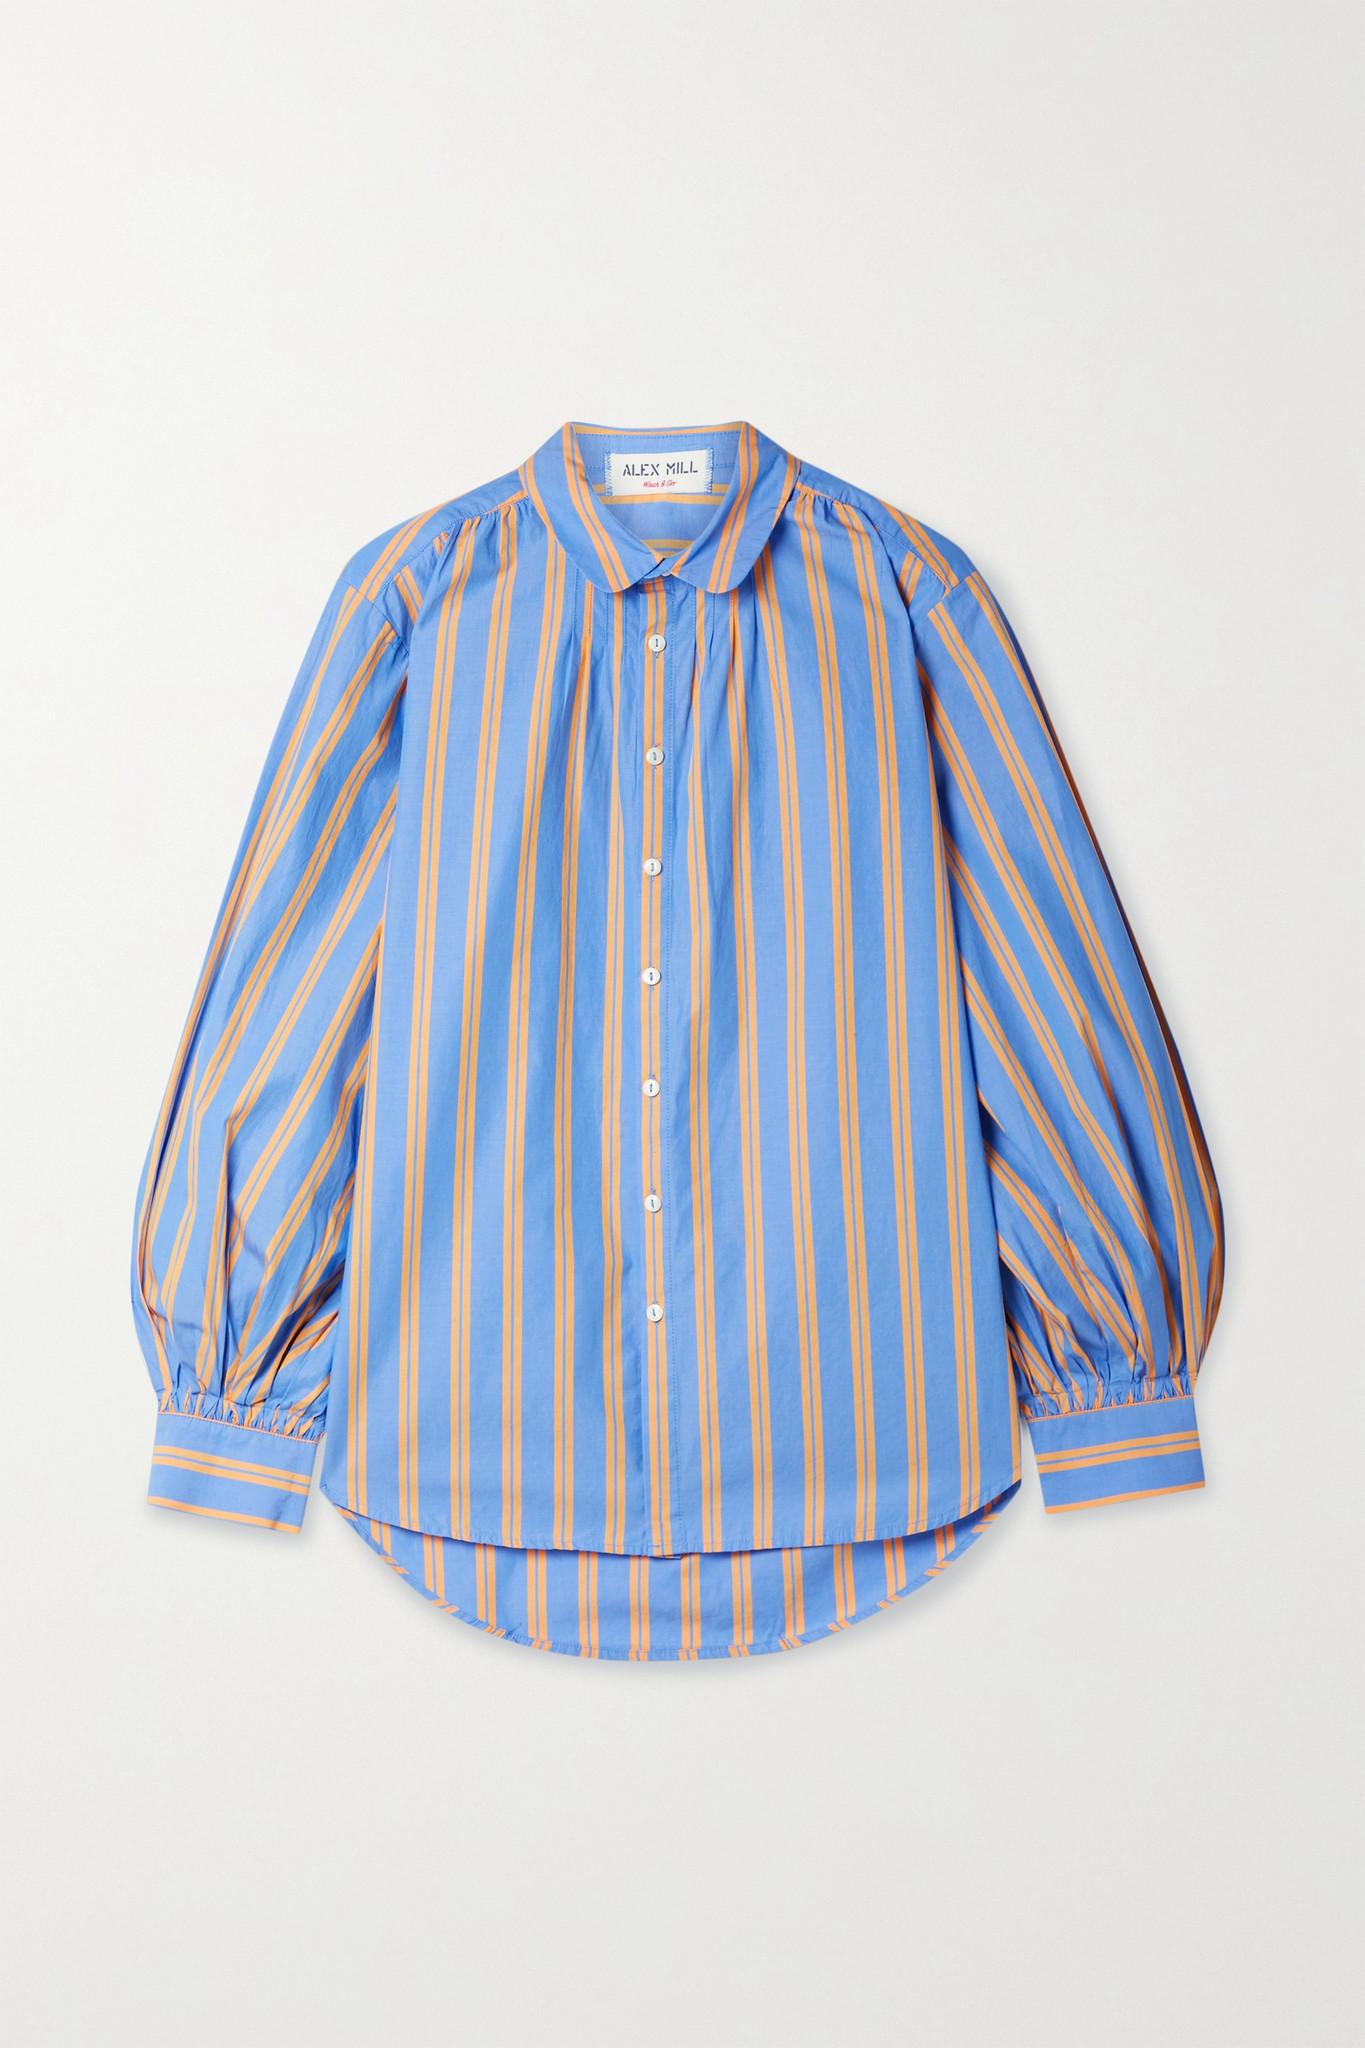 ALEX MILL - Kit 条纹纯棉府绸衬衫 - 蓝色 - x small